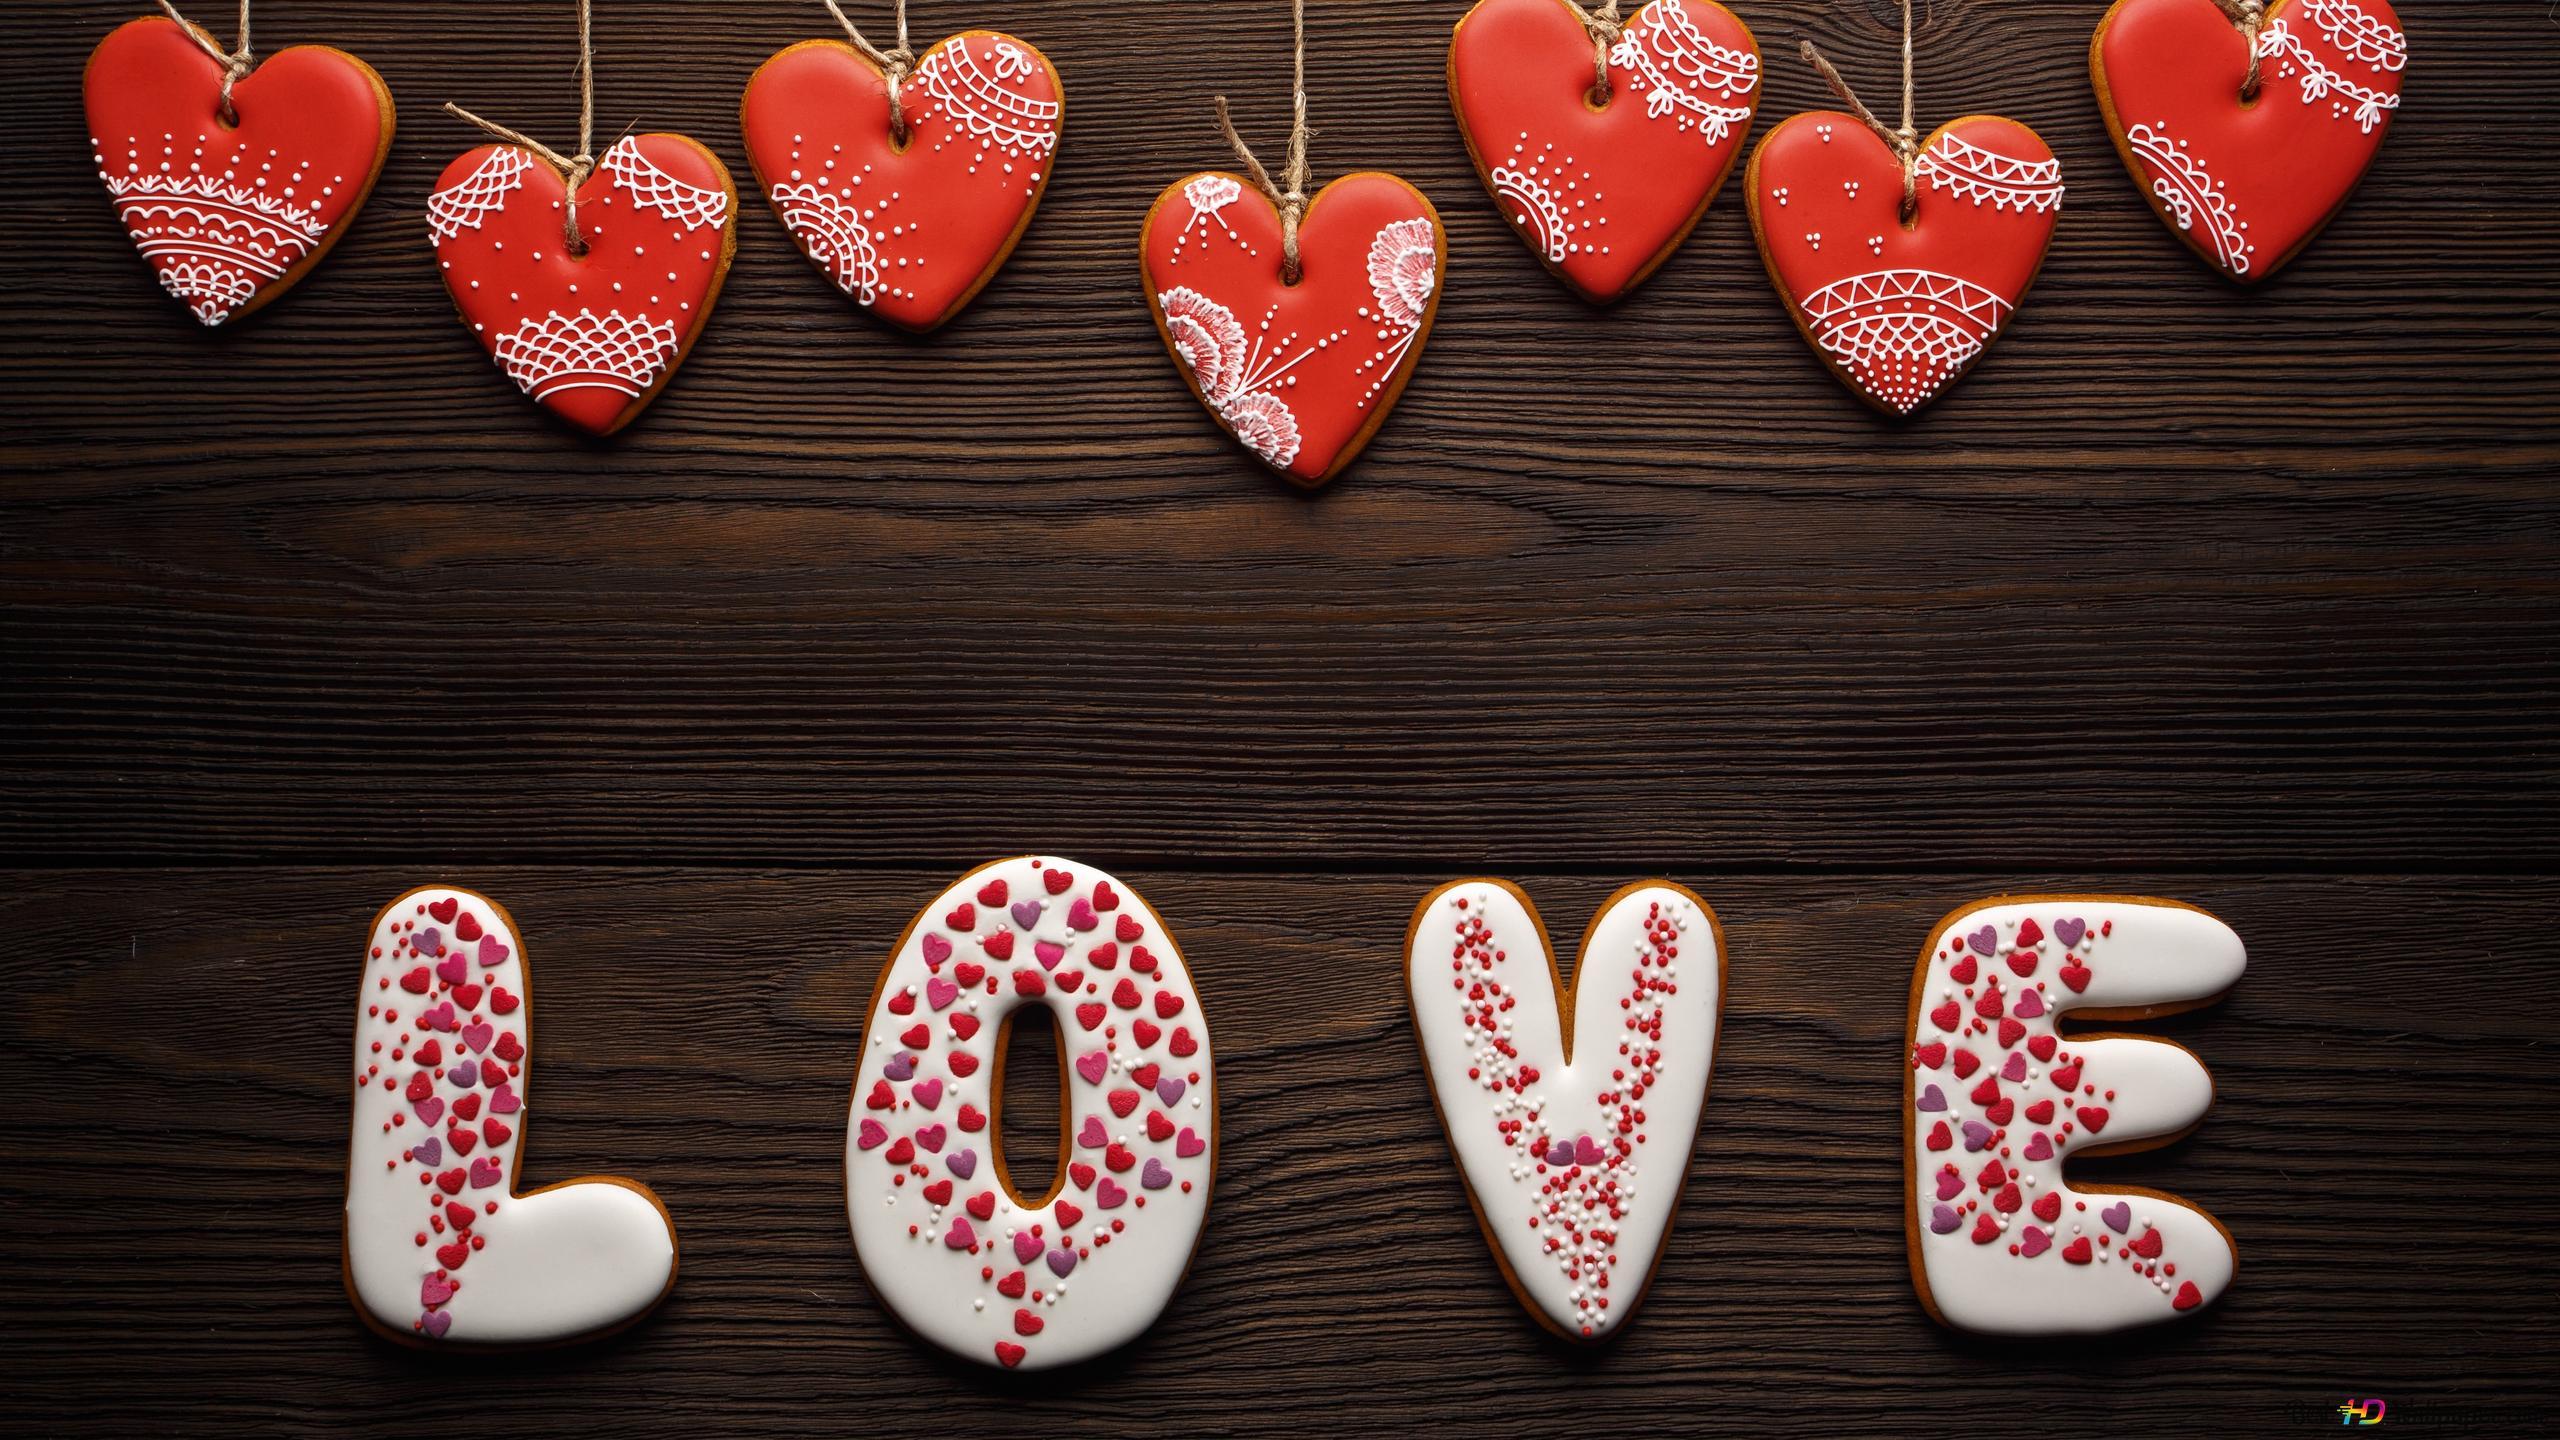 Heart Shaped Liebe Kuchen Süßigkeiten Hd Hintergrundbilder Herunterladen